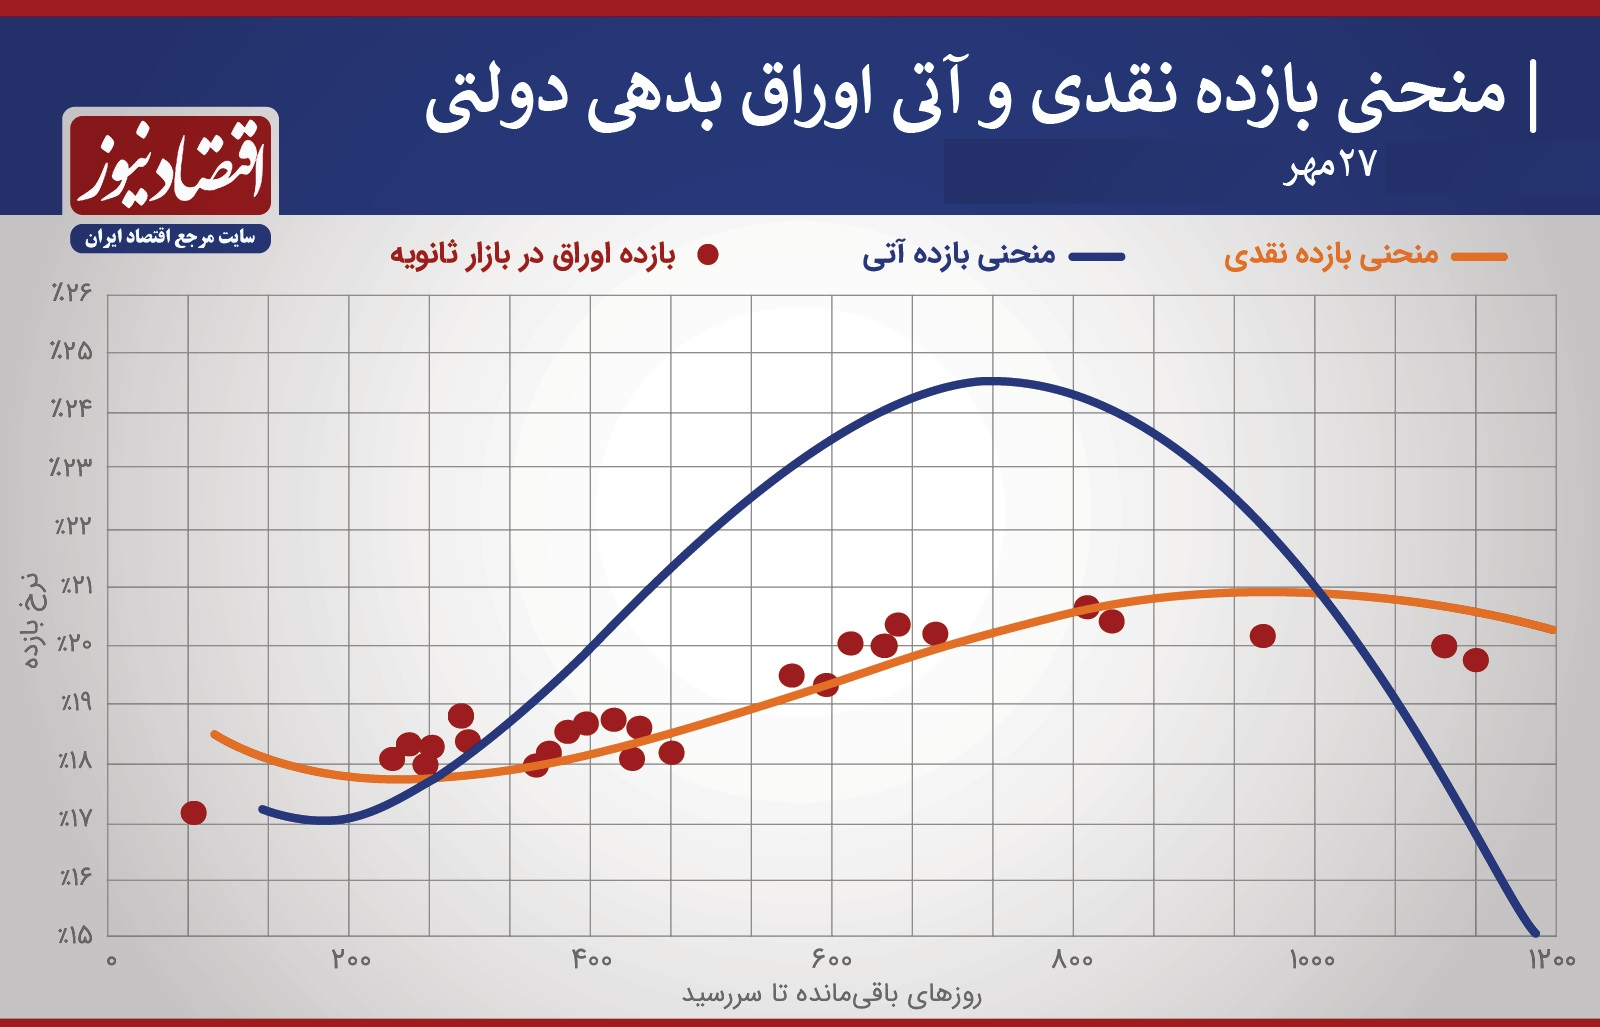 منحنی بازدهی قیمت 27 مهر